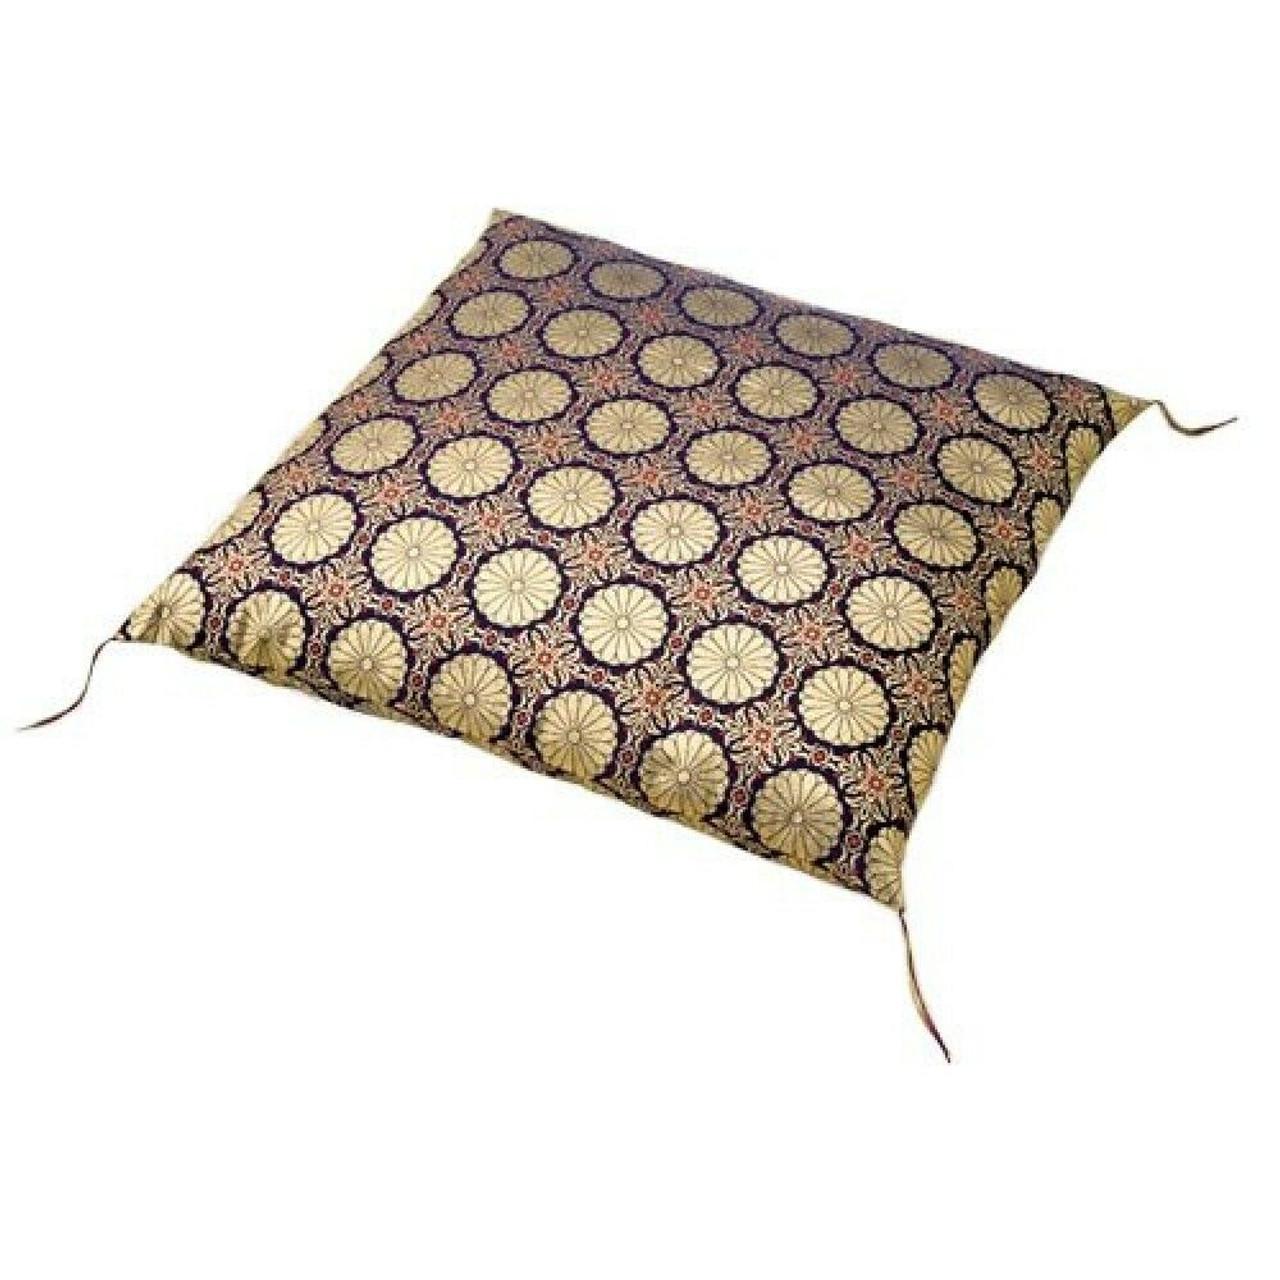 zabuton japanese floor cushion made